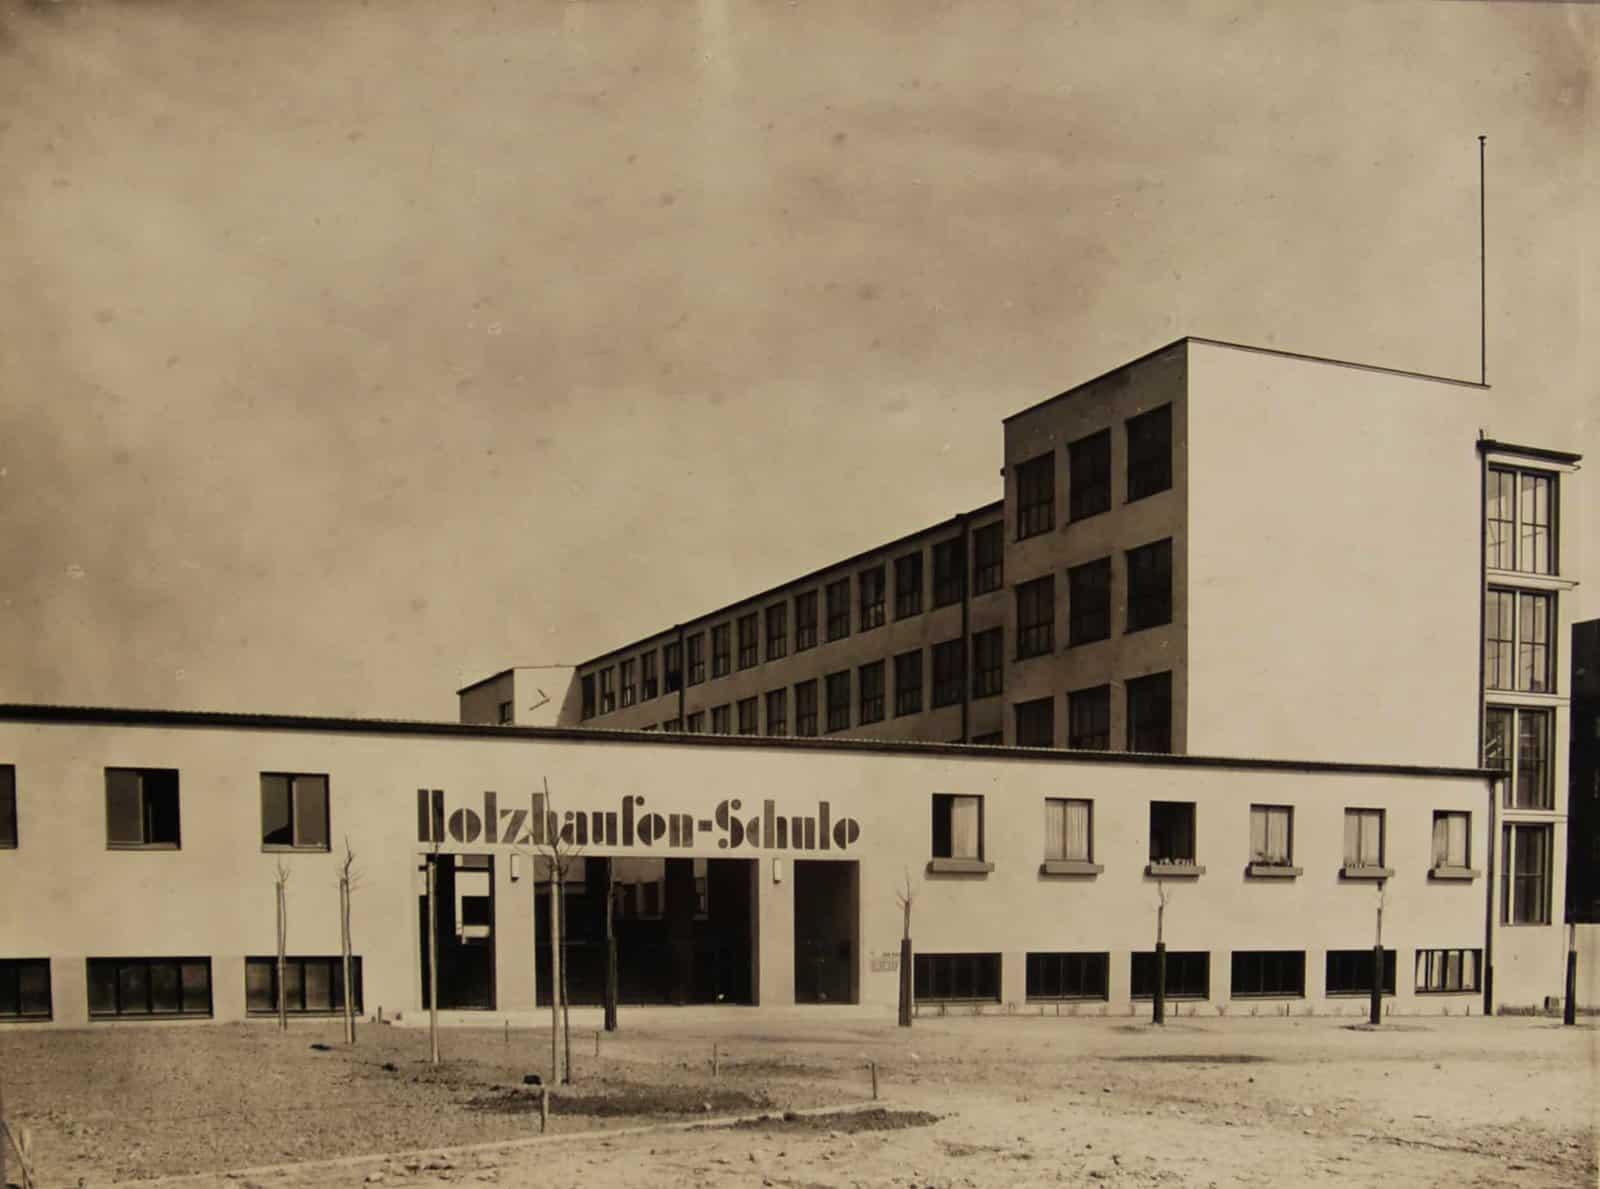 Holzhausenschule Frankfurt am Main \ © DAM, Nachlass Körte, 768-019-001